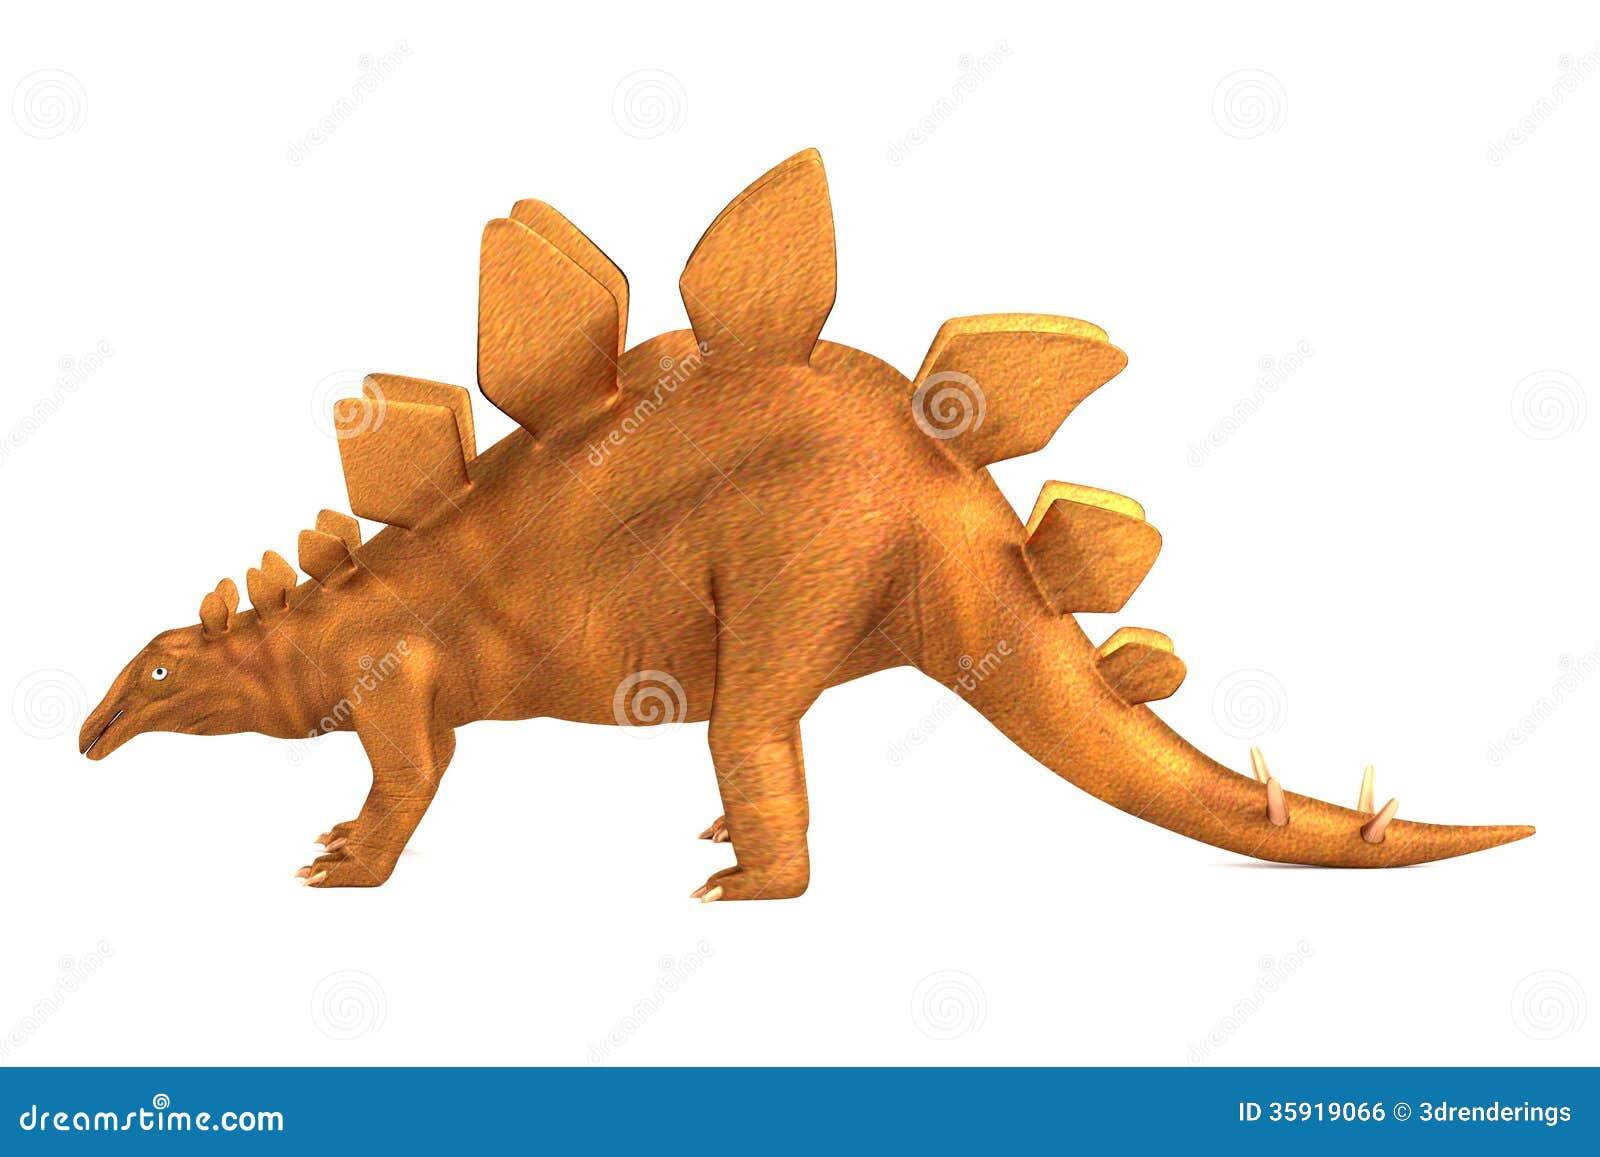 Render of stegosaurus